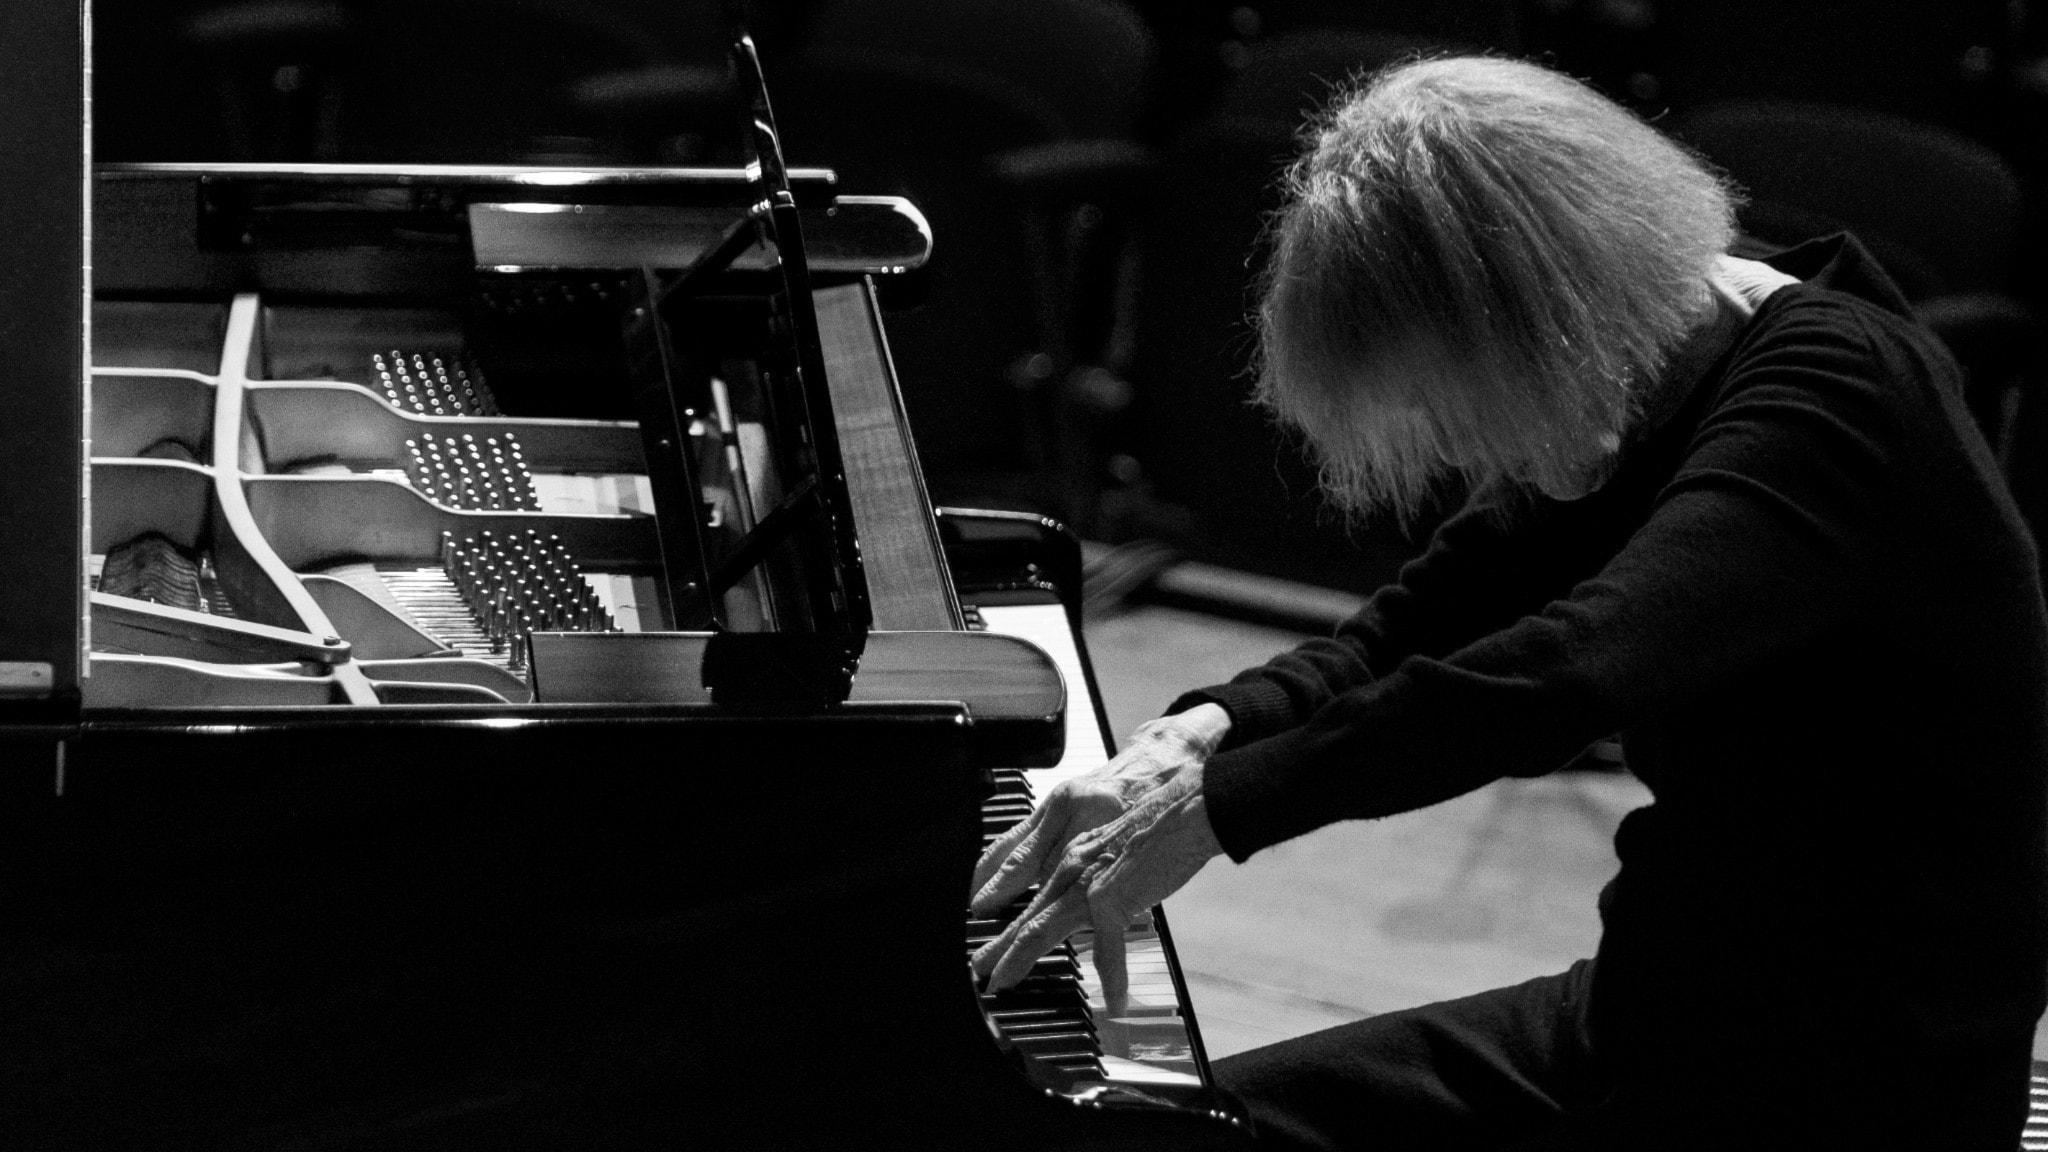 Svartvit bild på kompositören och pianisten Carla Bley när hon sitter med nedsänkt huvud och spelar på en flygel i en konsertsal utan publik. Foto: Caterina di Perri/ECM